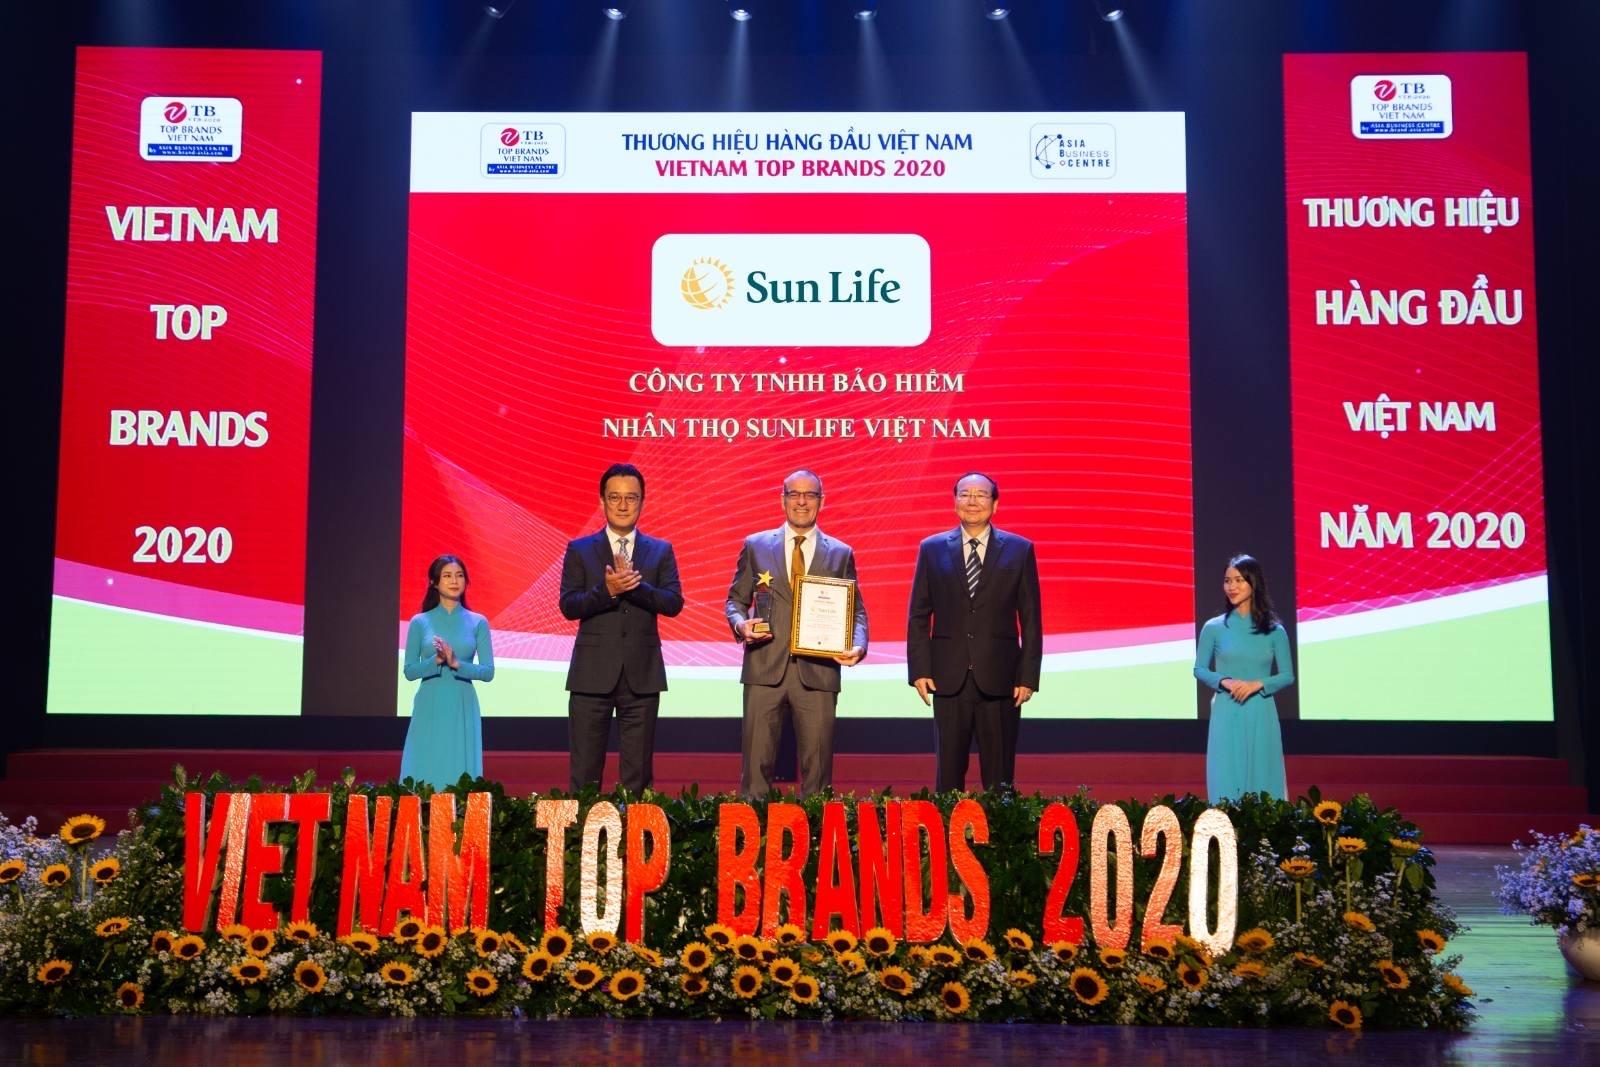 sun life viet nam dat danh hieu top 10 thuong hieu hang dau viet nam 2020